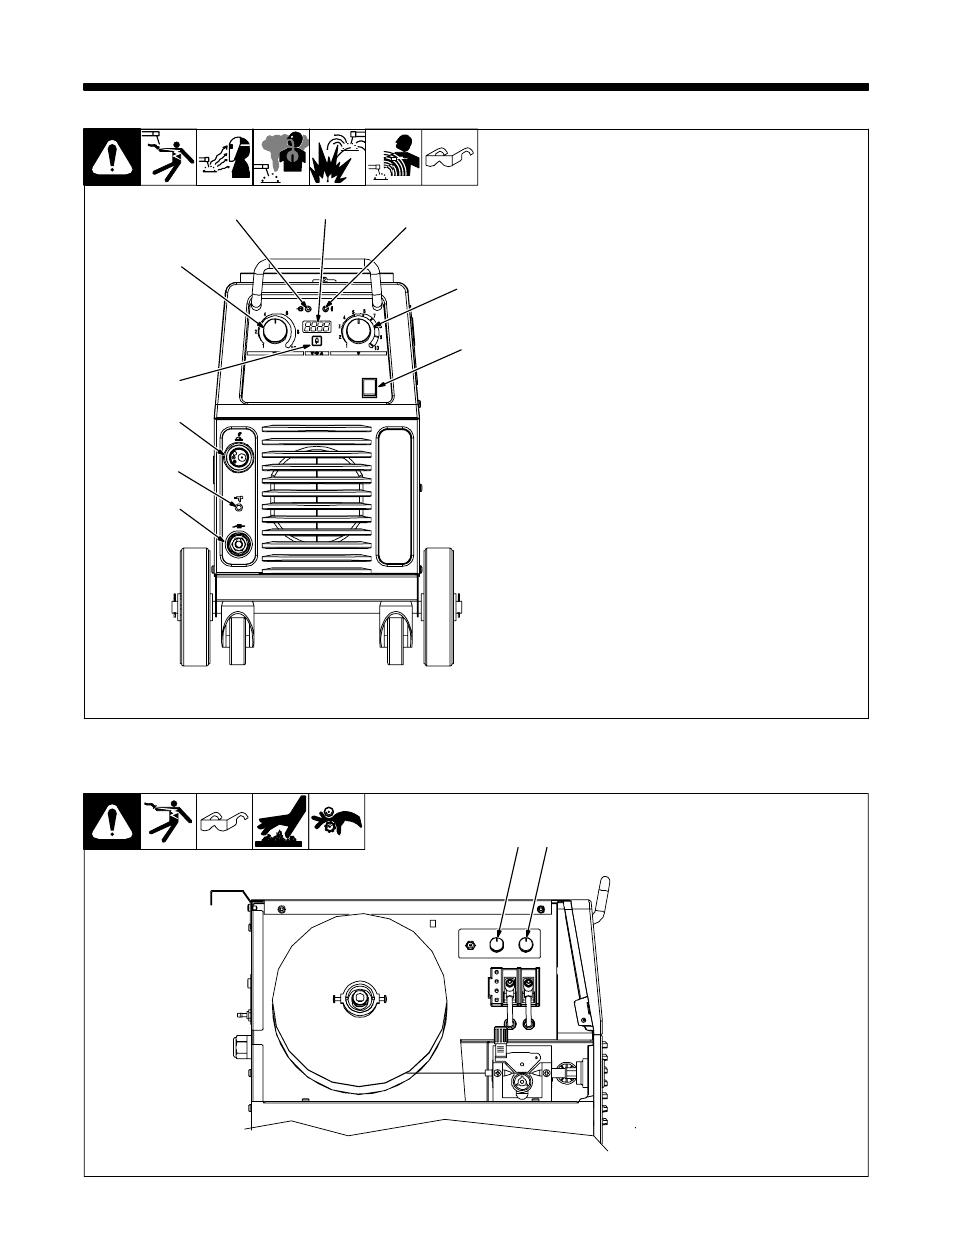 spot welding gun diagram